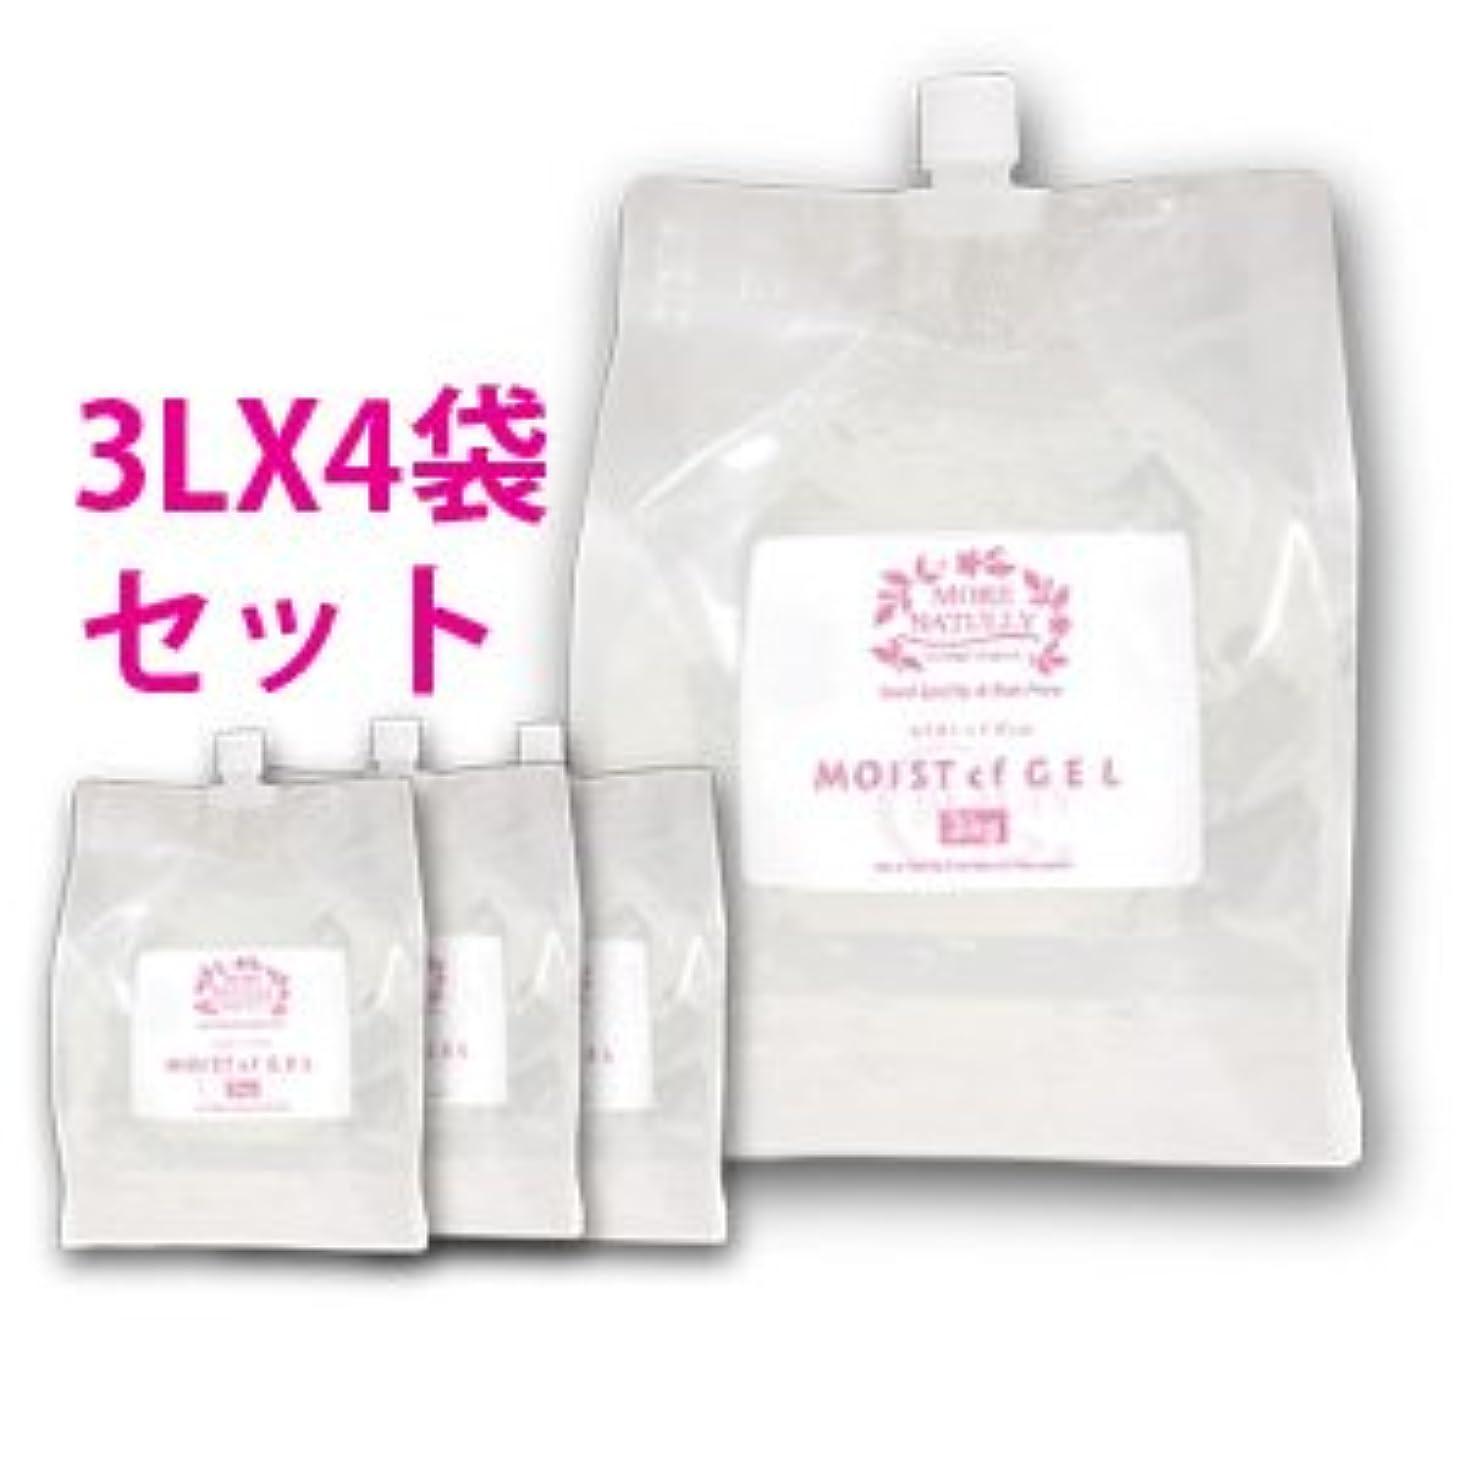 新鮮な案件リマモアナチュリー モイストcfジェル 4袋セット 3kg×4袋